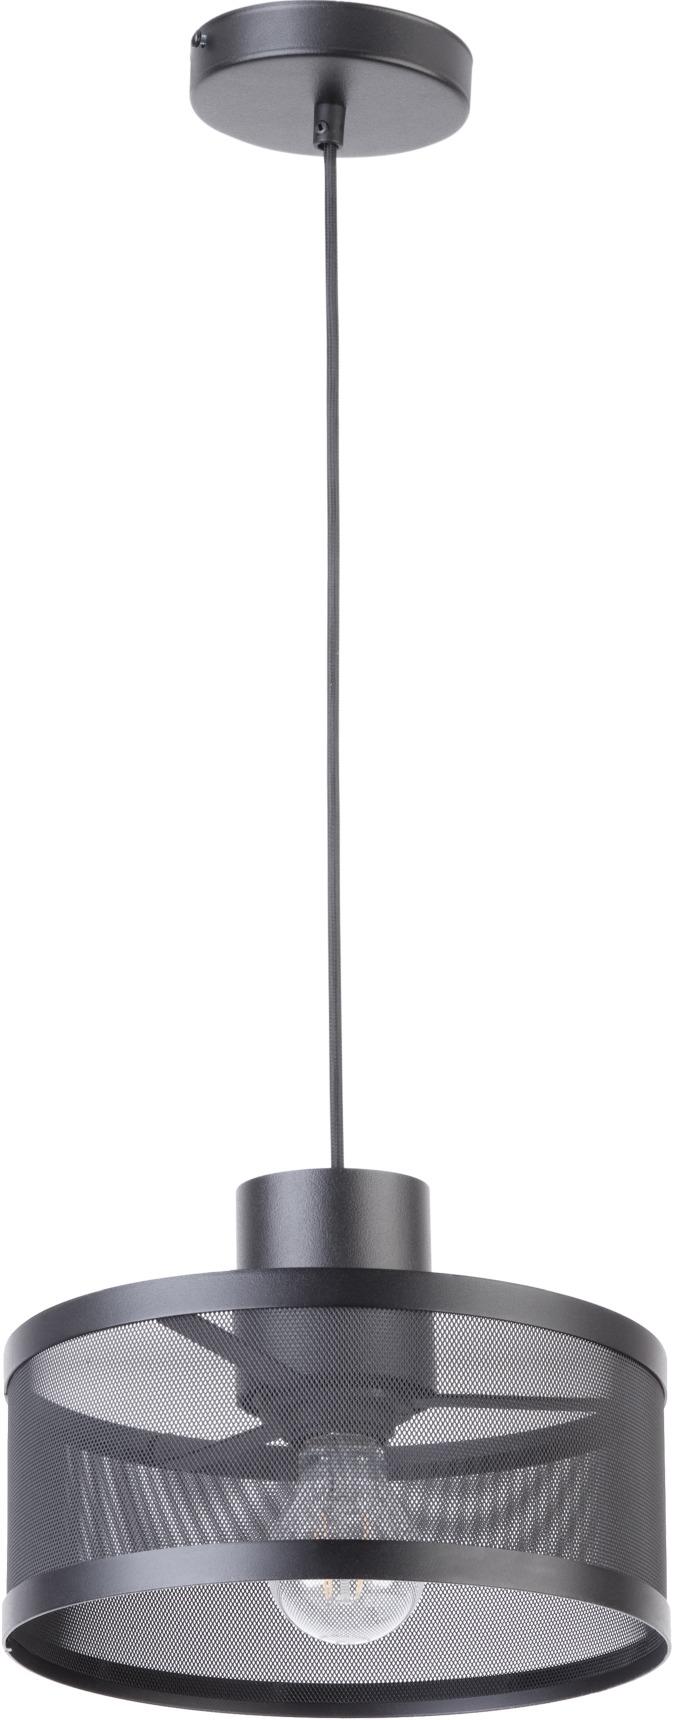 Lampa wisząca BONO 1 CZARNY 31904 - Sigma Do -17% rabatu w koszyku i darmowa dostawa od 299zł !